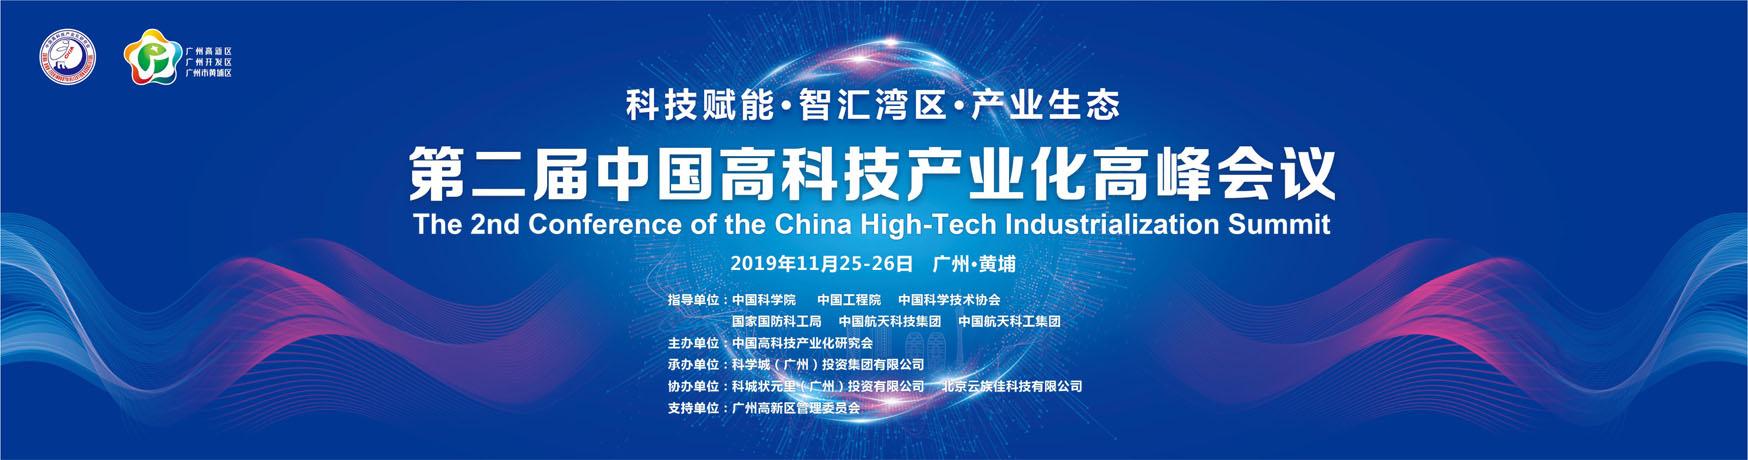 第二届中国高科技产业化高峰会议在广州高新区召开